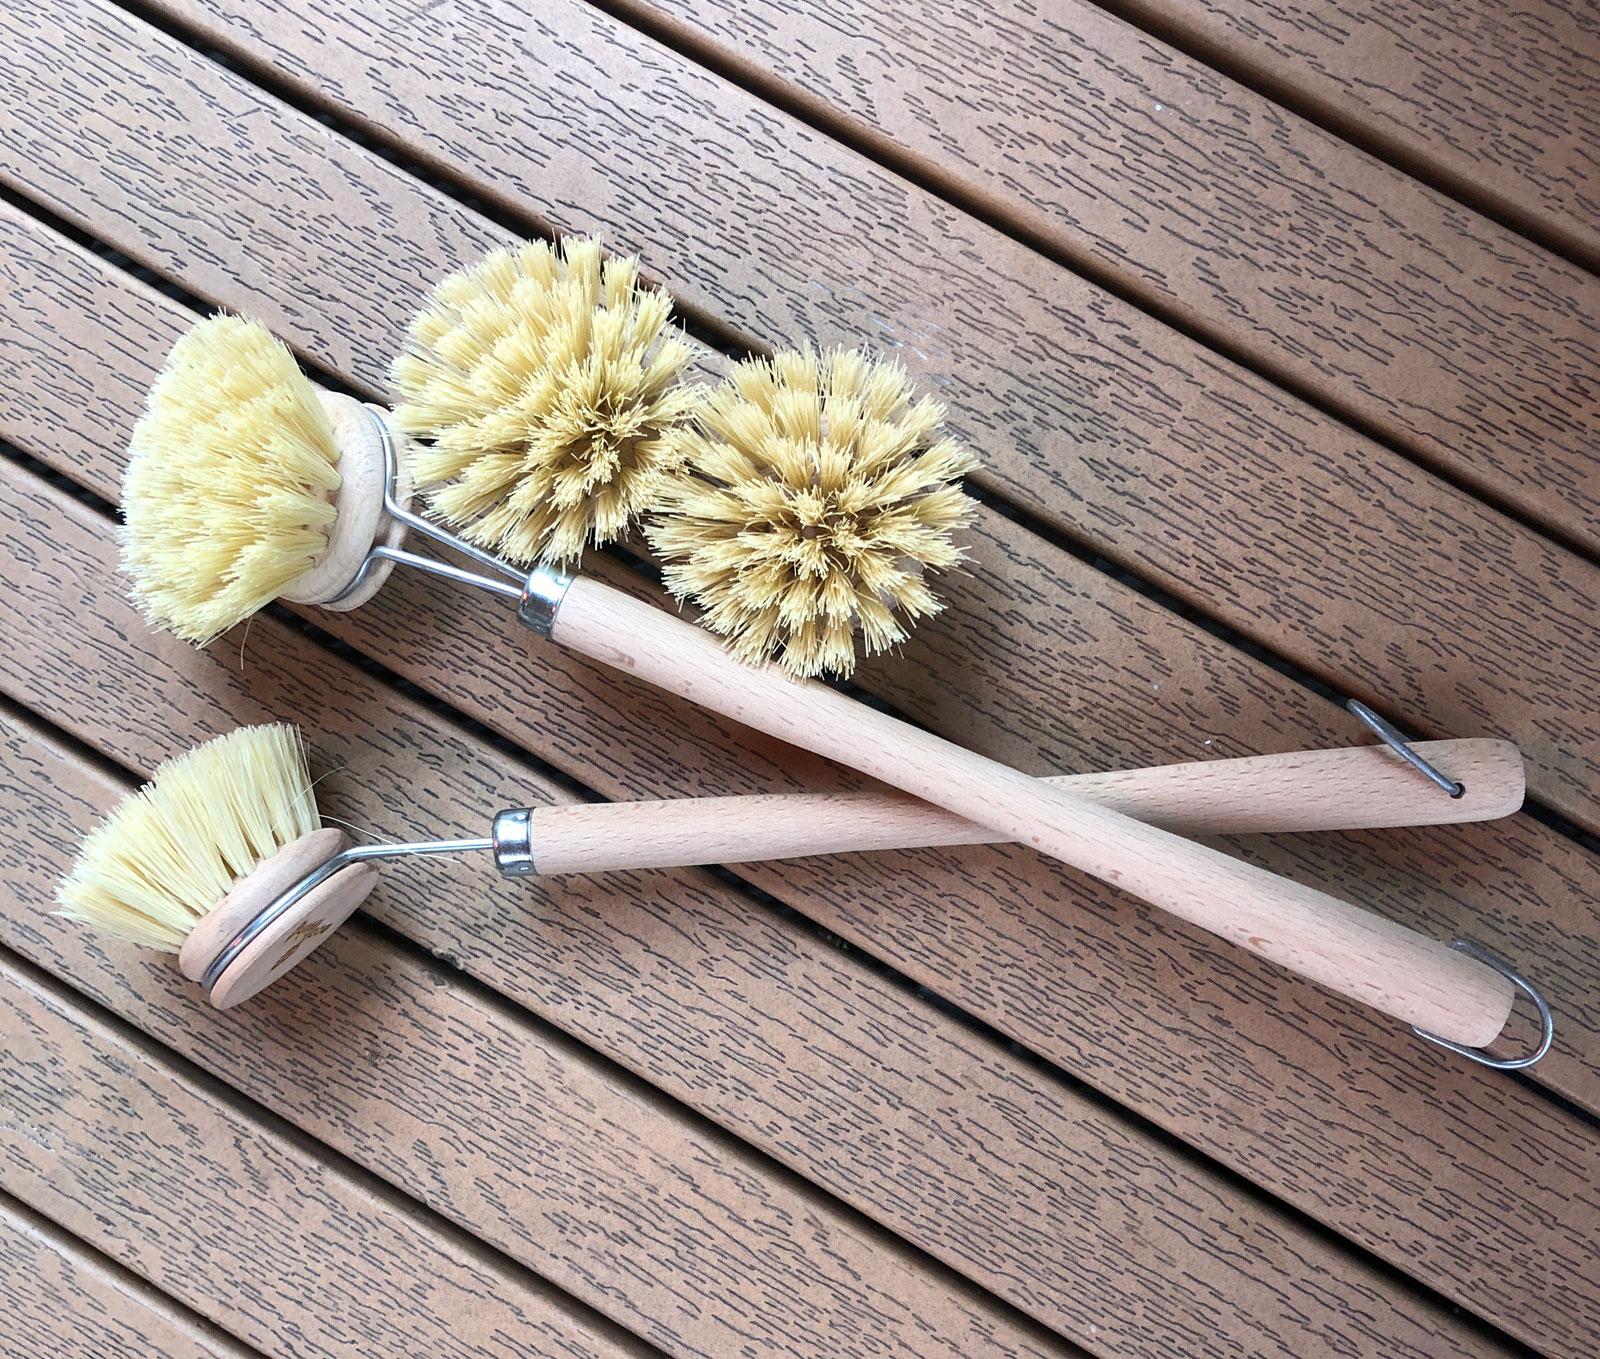 Washing up brushes made of wood.